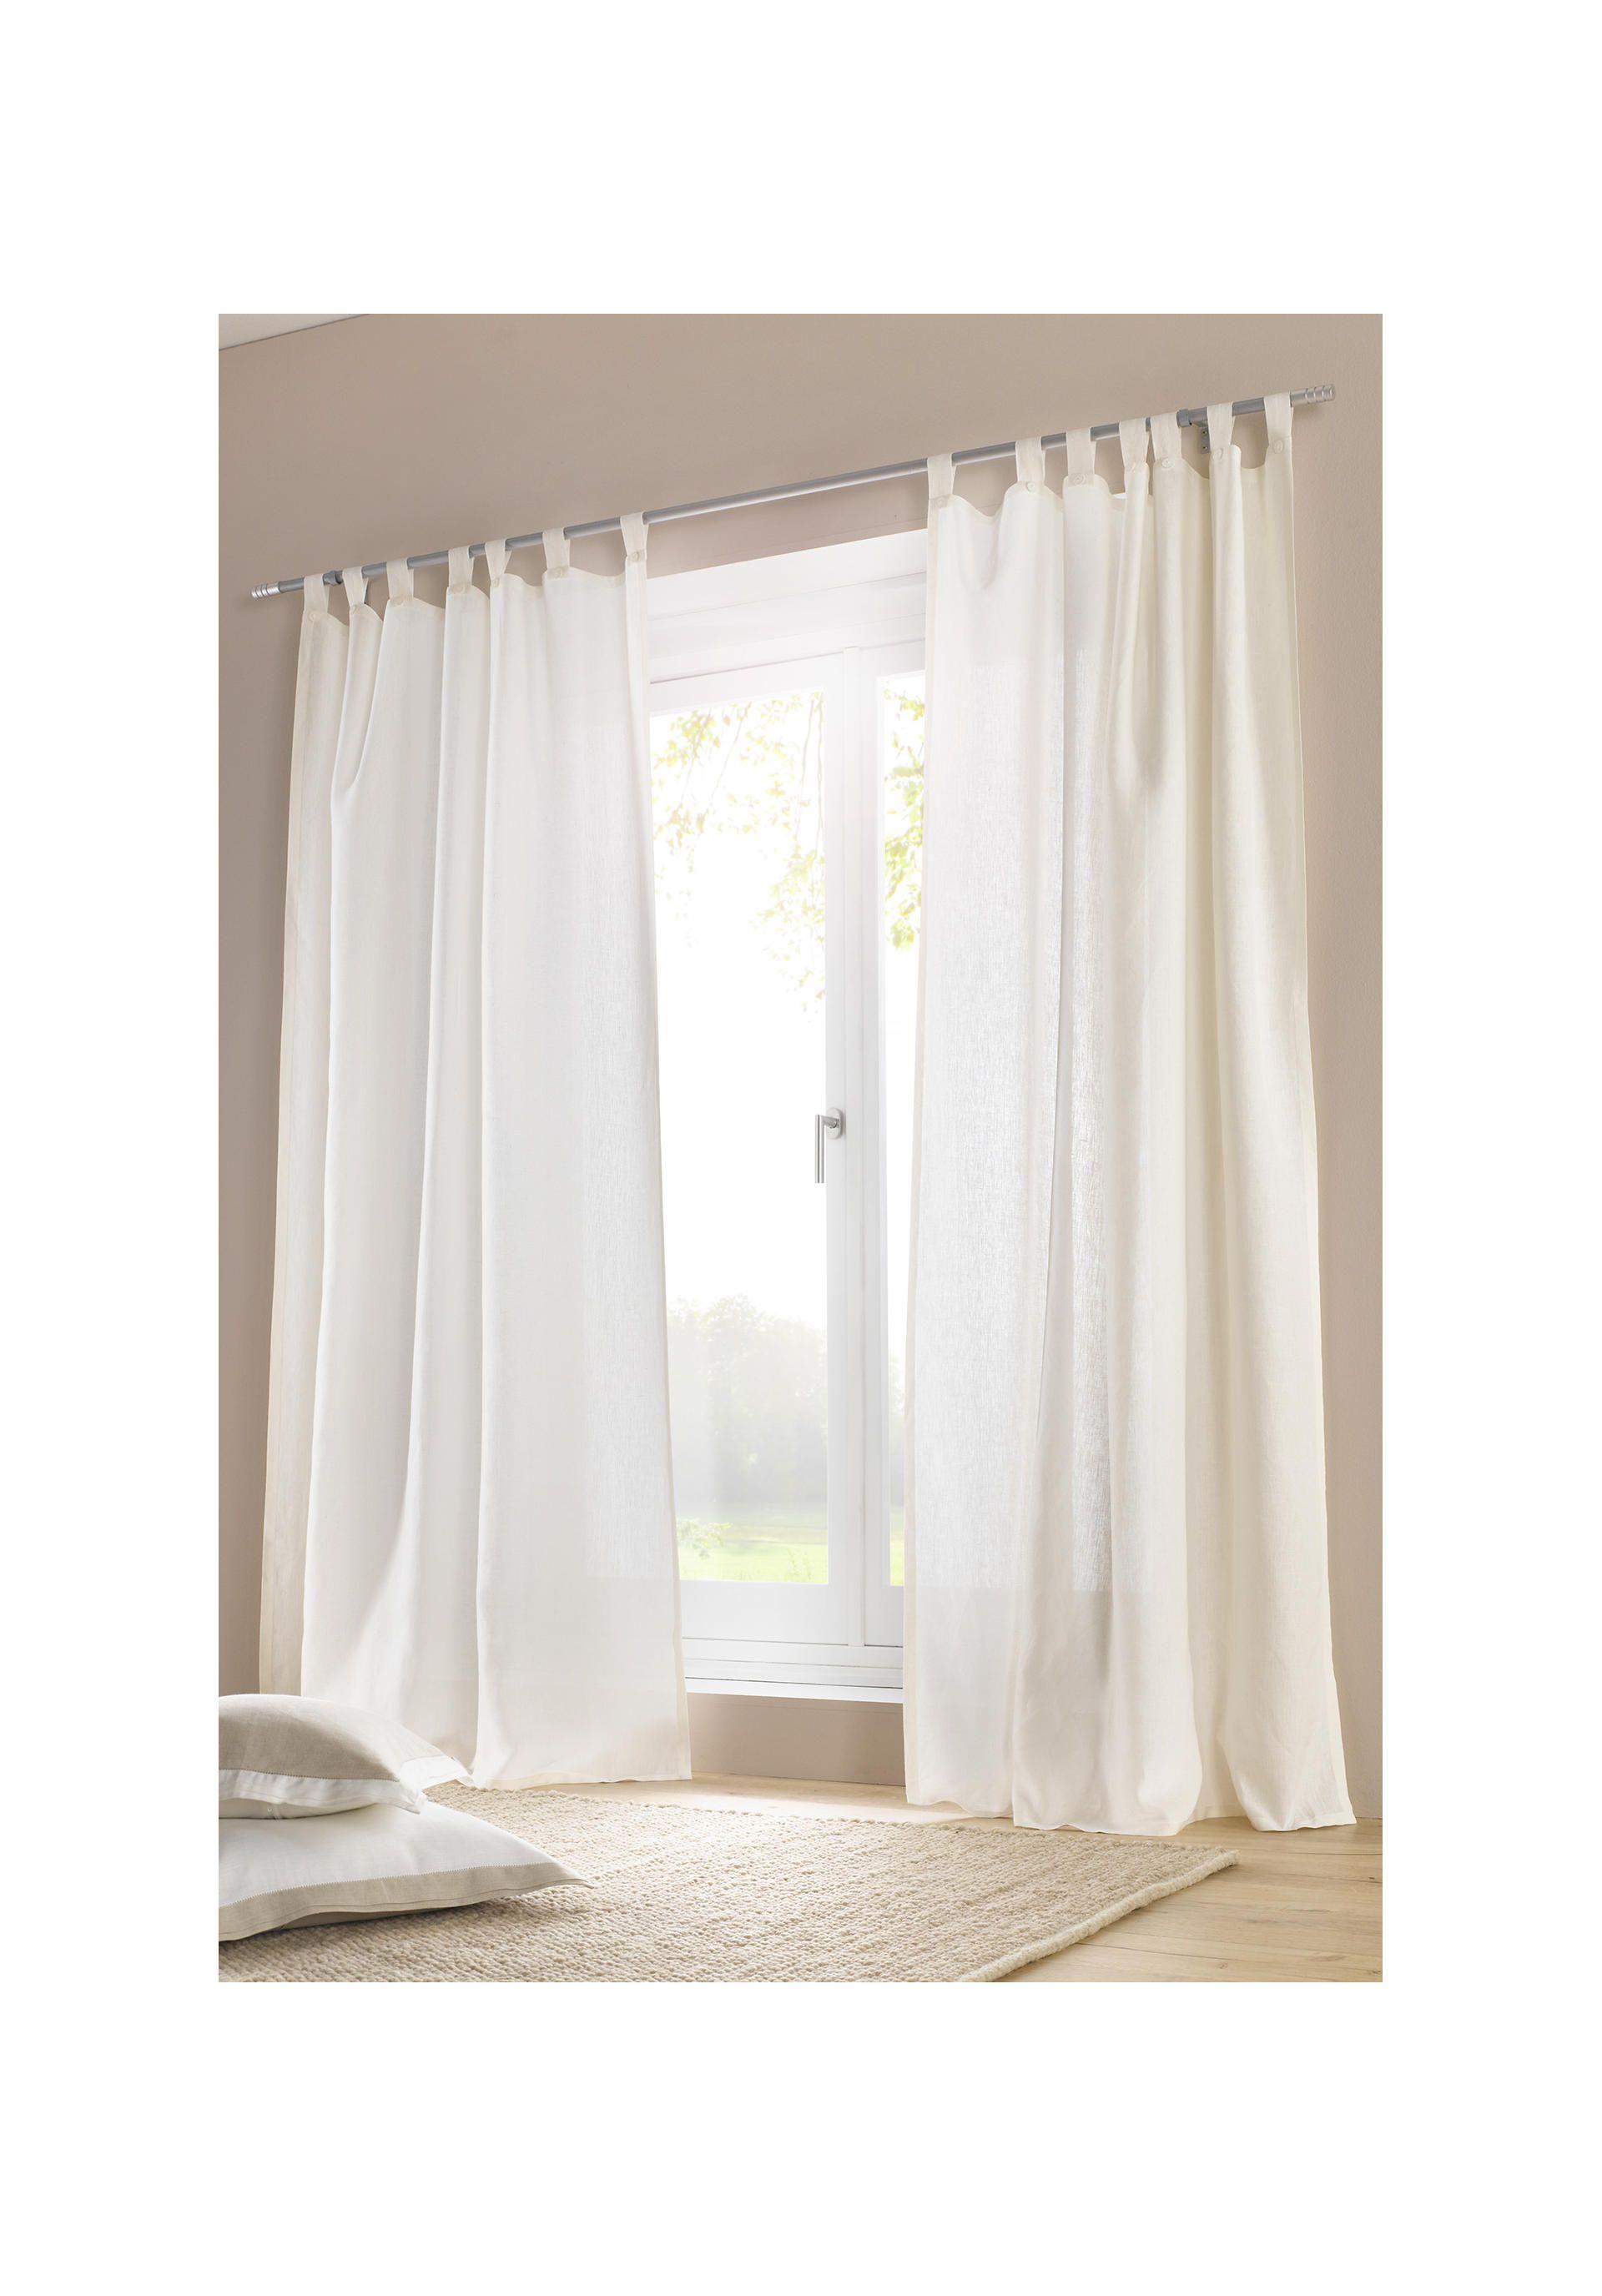 Leinen Vorhang Mit Schlaufen Schlafzimmer Vorhange Haus Deko Leinen Gardinen